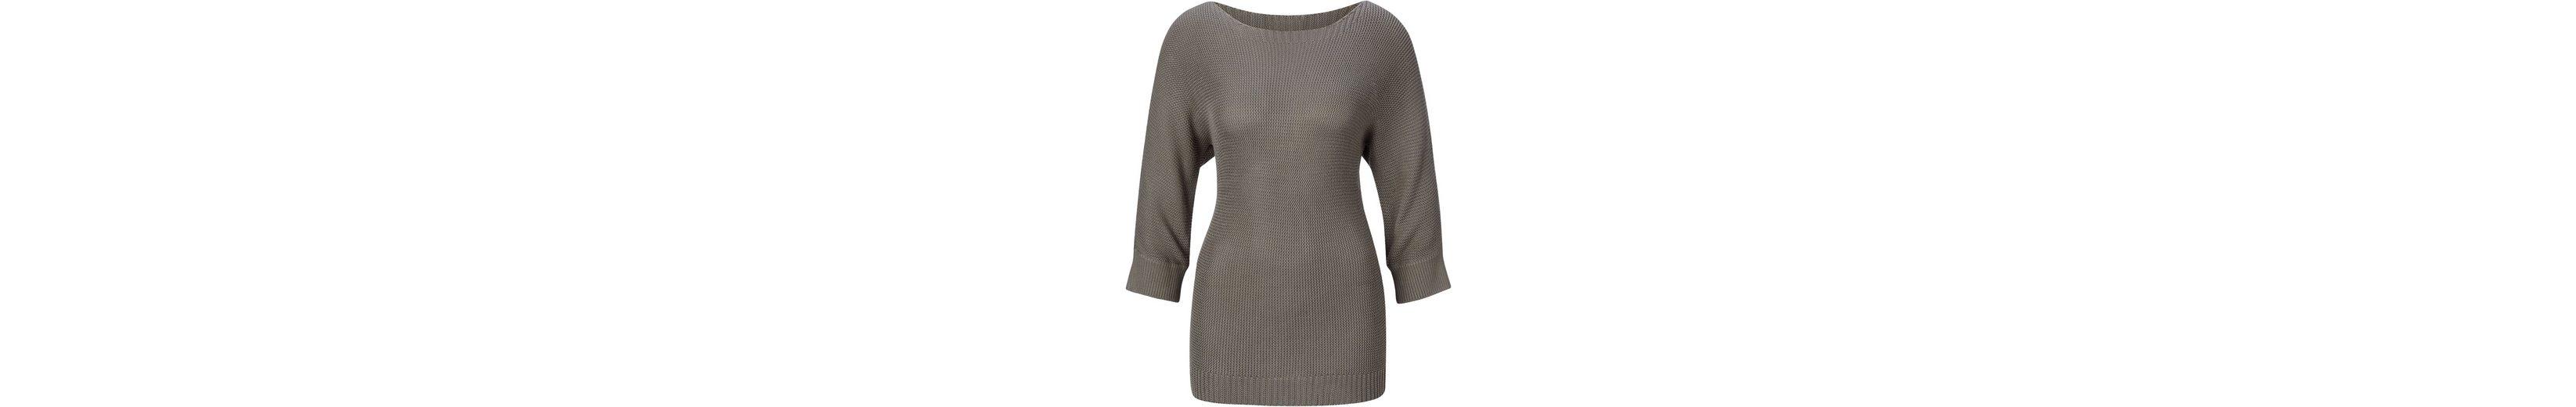 Fair Lady Pullover im modischen Strickmuster Freies Verschiffen Schnelle Lieferung Shop-Angebot YeiYmnbR